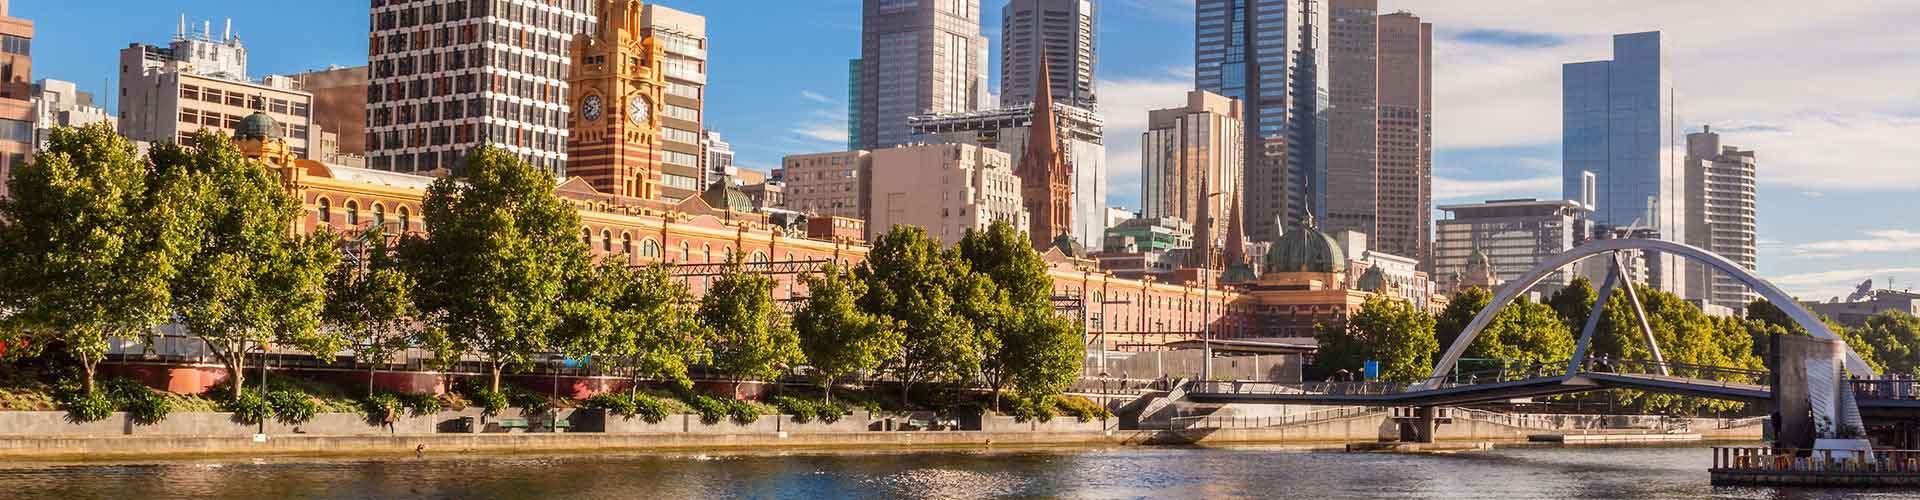 Melbourne - Zimmer in Melbournel. Karten für Melbourne. Fotos und Bewertungen für jedes Zimmer in Melbourne.